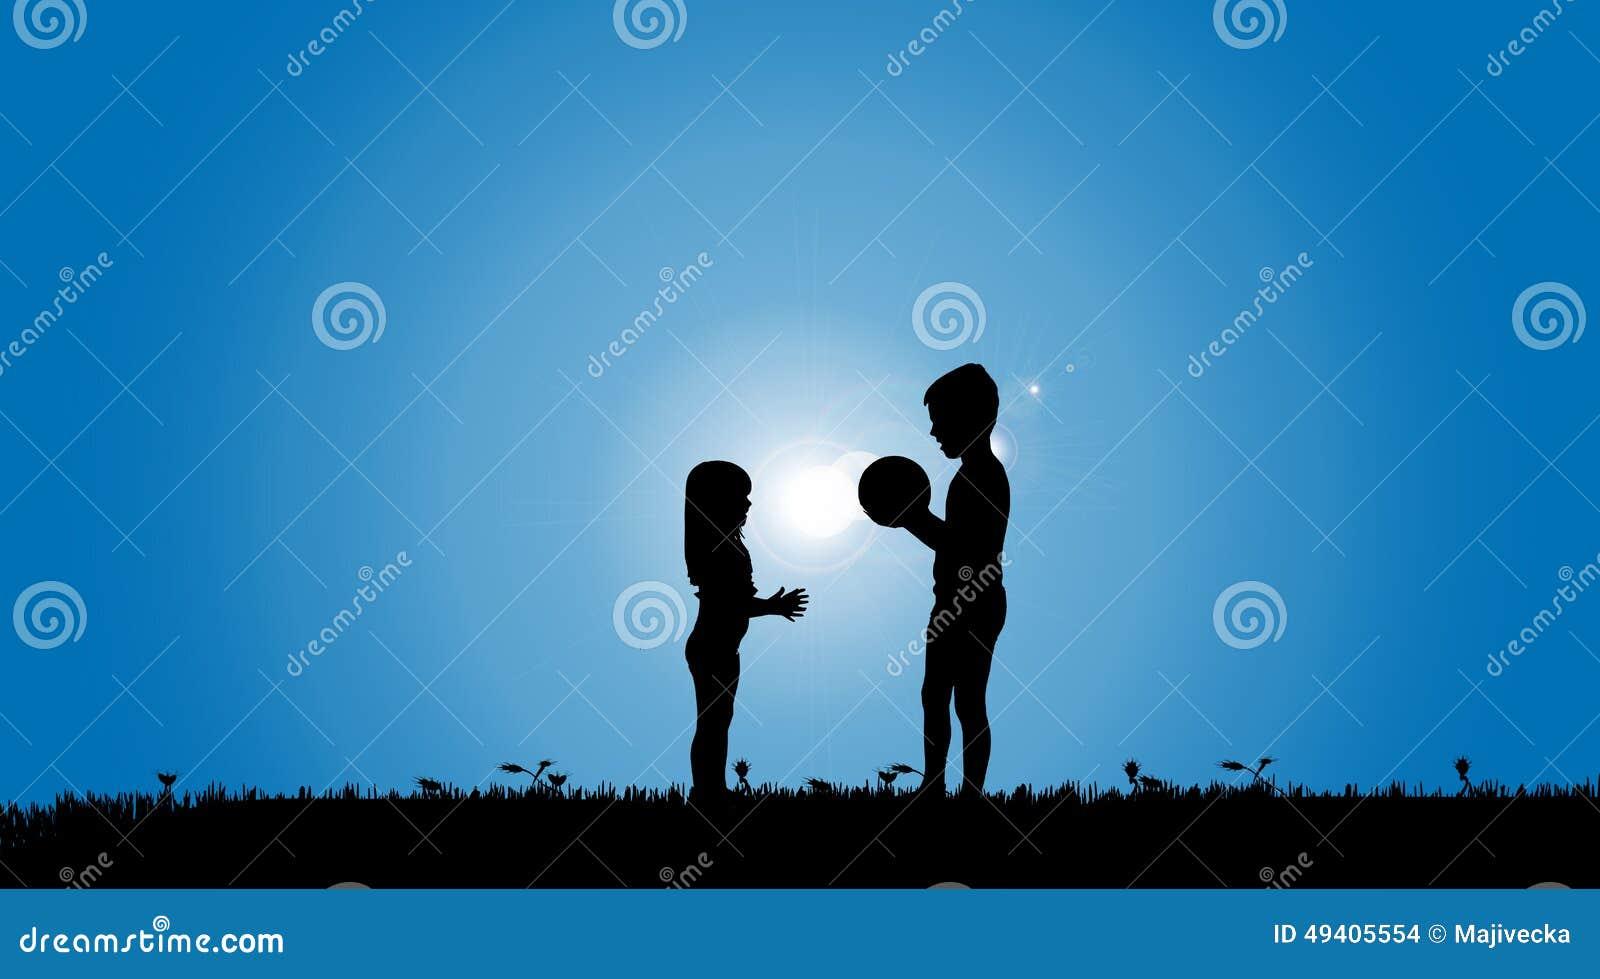 Download Vektorschattenbild Von Geschwister Vektor Abbildung - Illustration von familie, lebensstil: 49405554